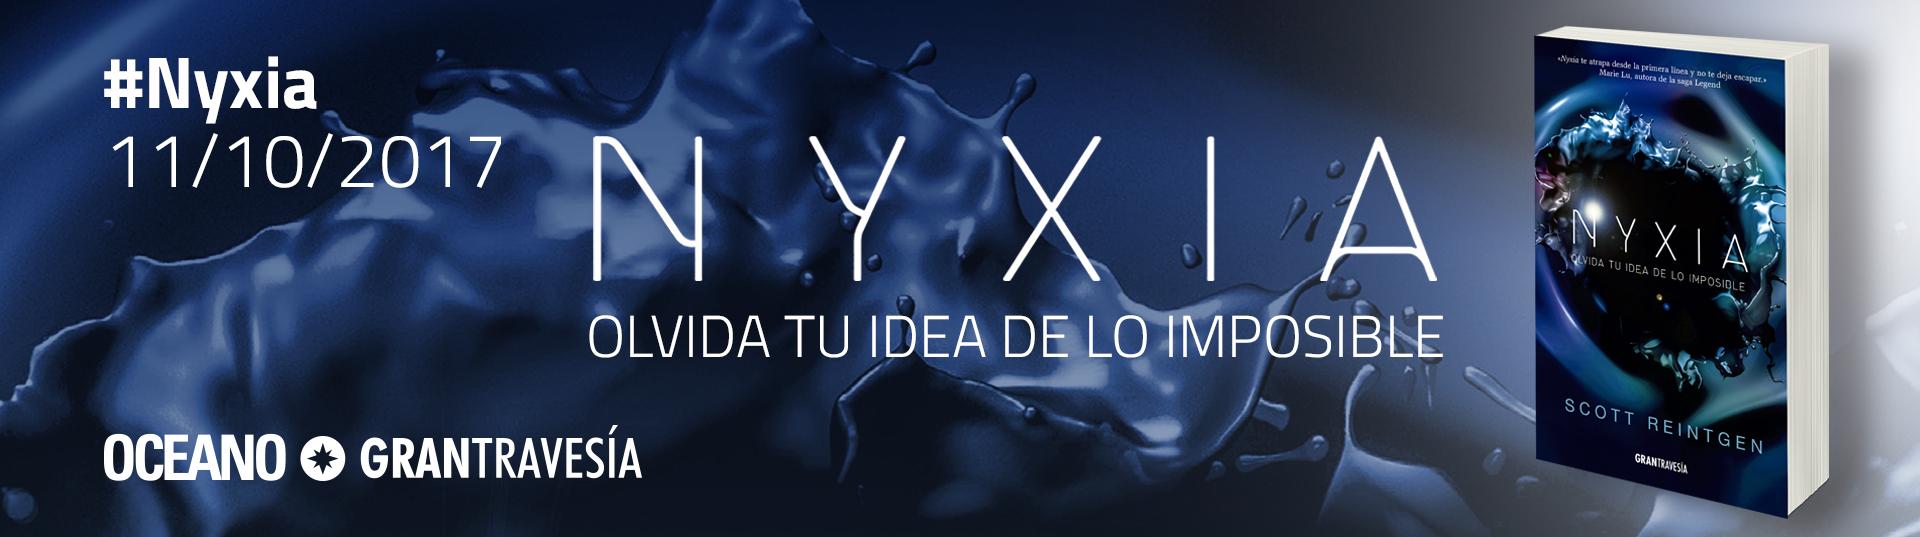 Nyxia 1